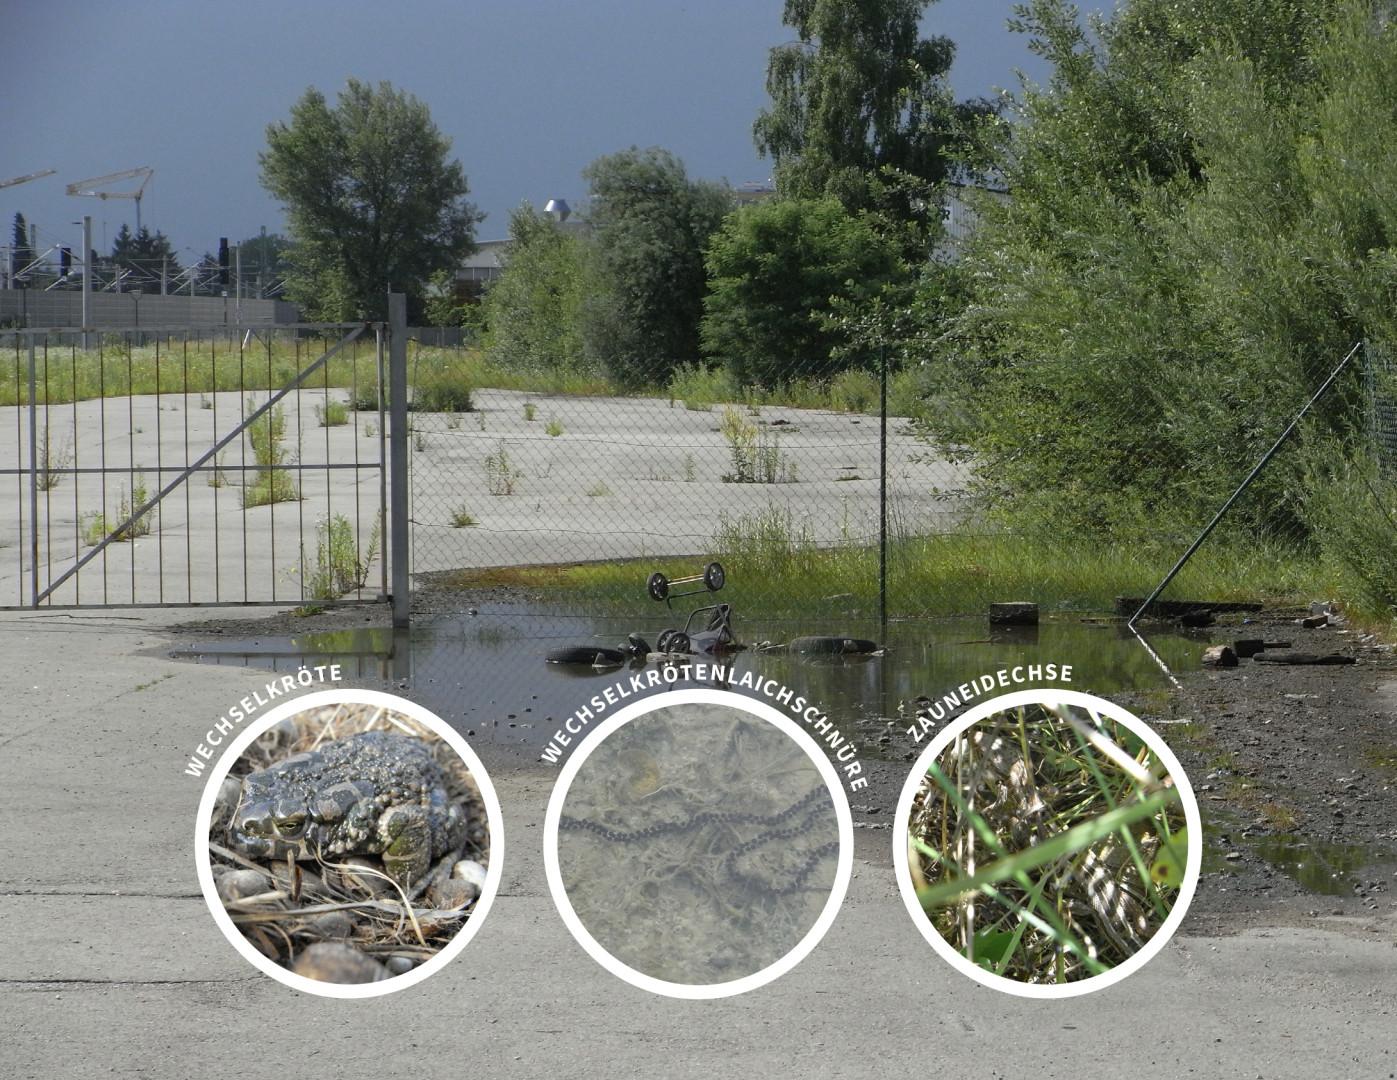 Spezielle artenschutzrechtliche Prüfung saP, München-Allach, Oertelplatz